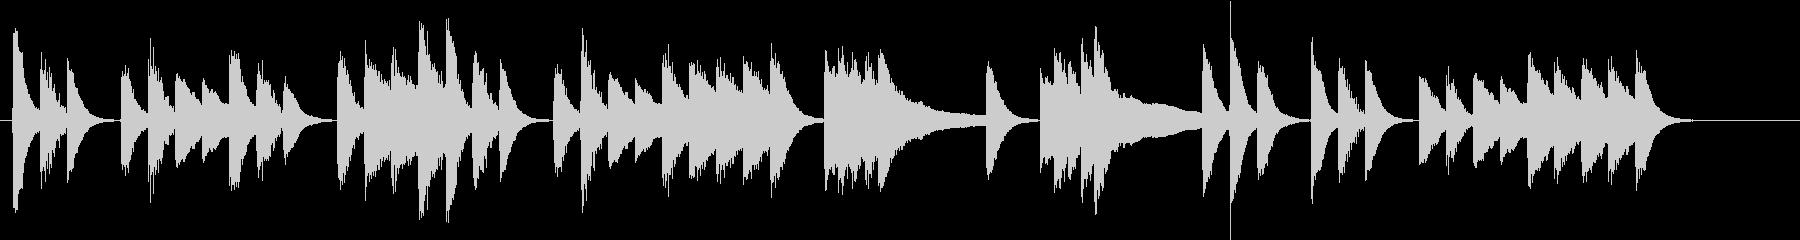 へんてこりんメロディの軽快ピアノジングルの未再生の波形